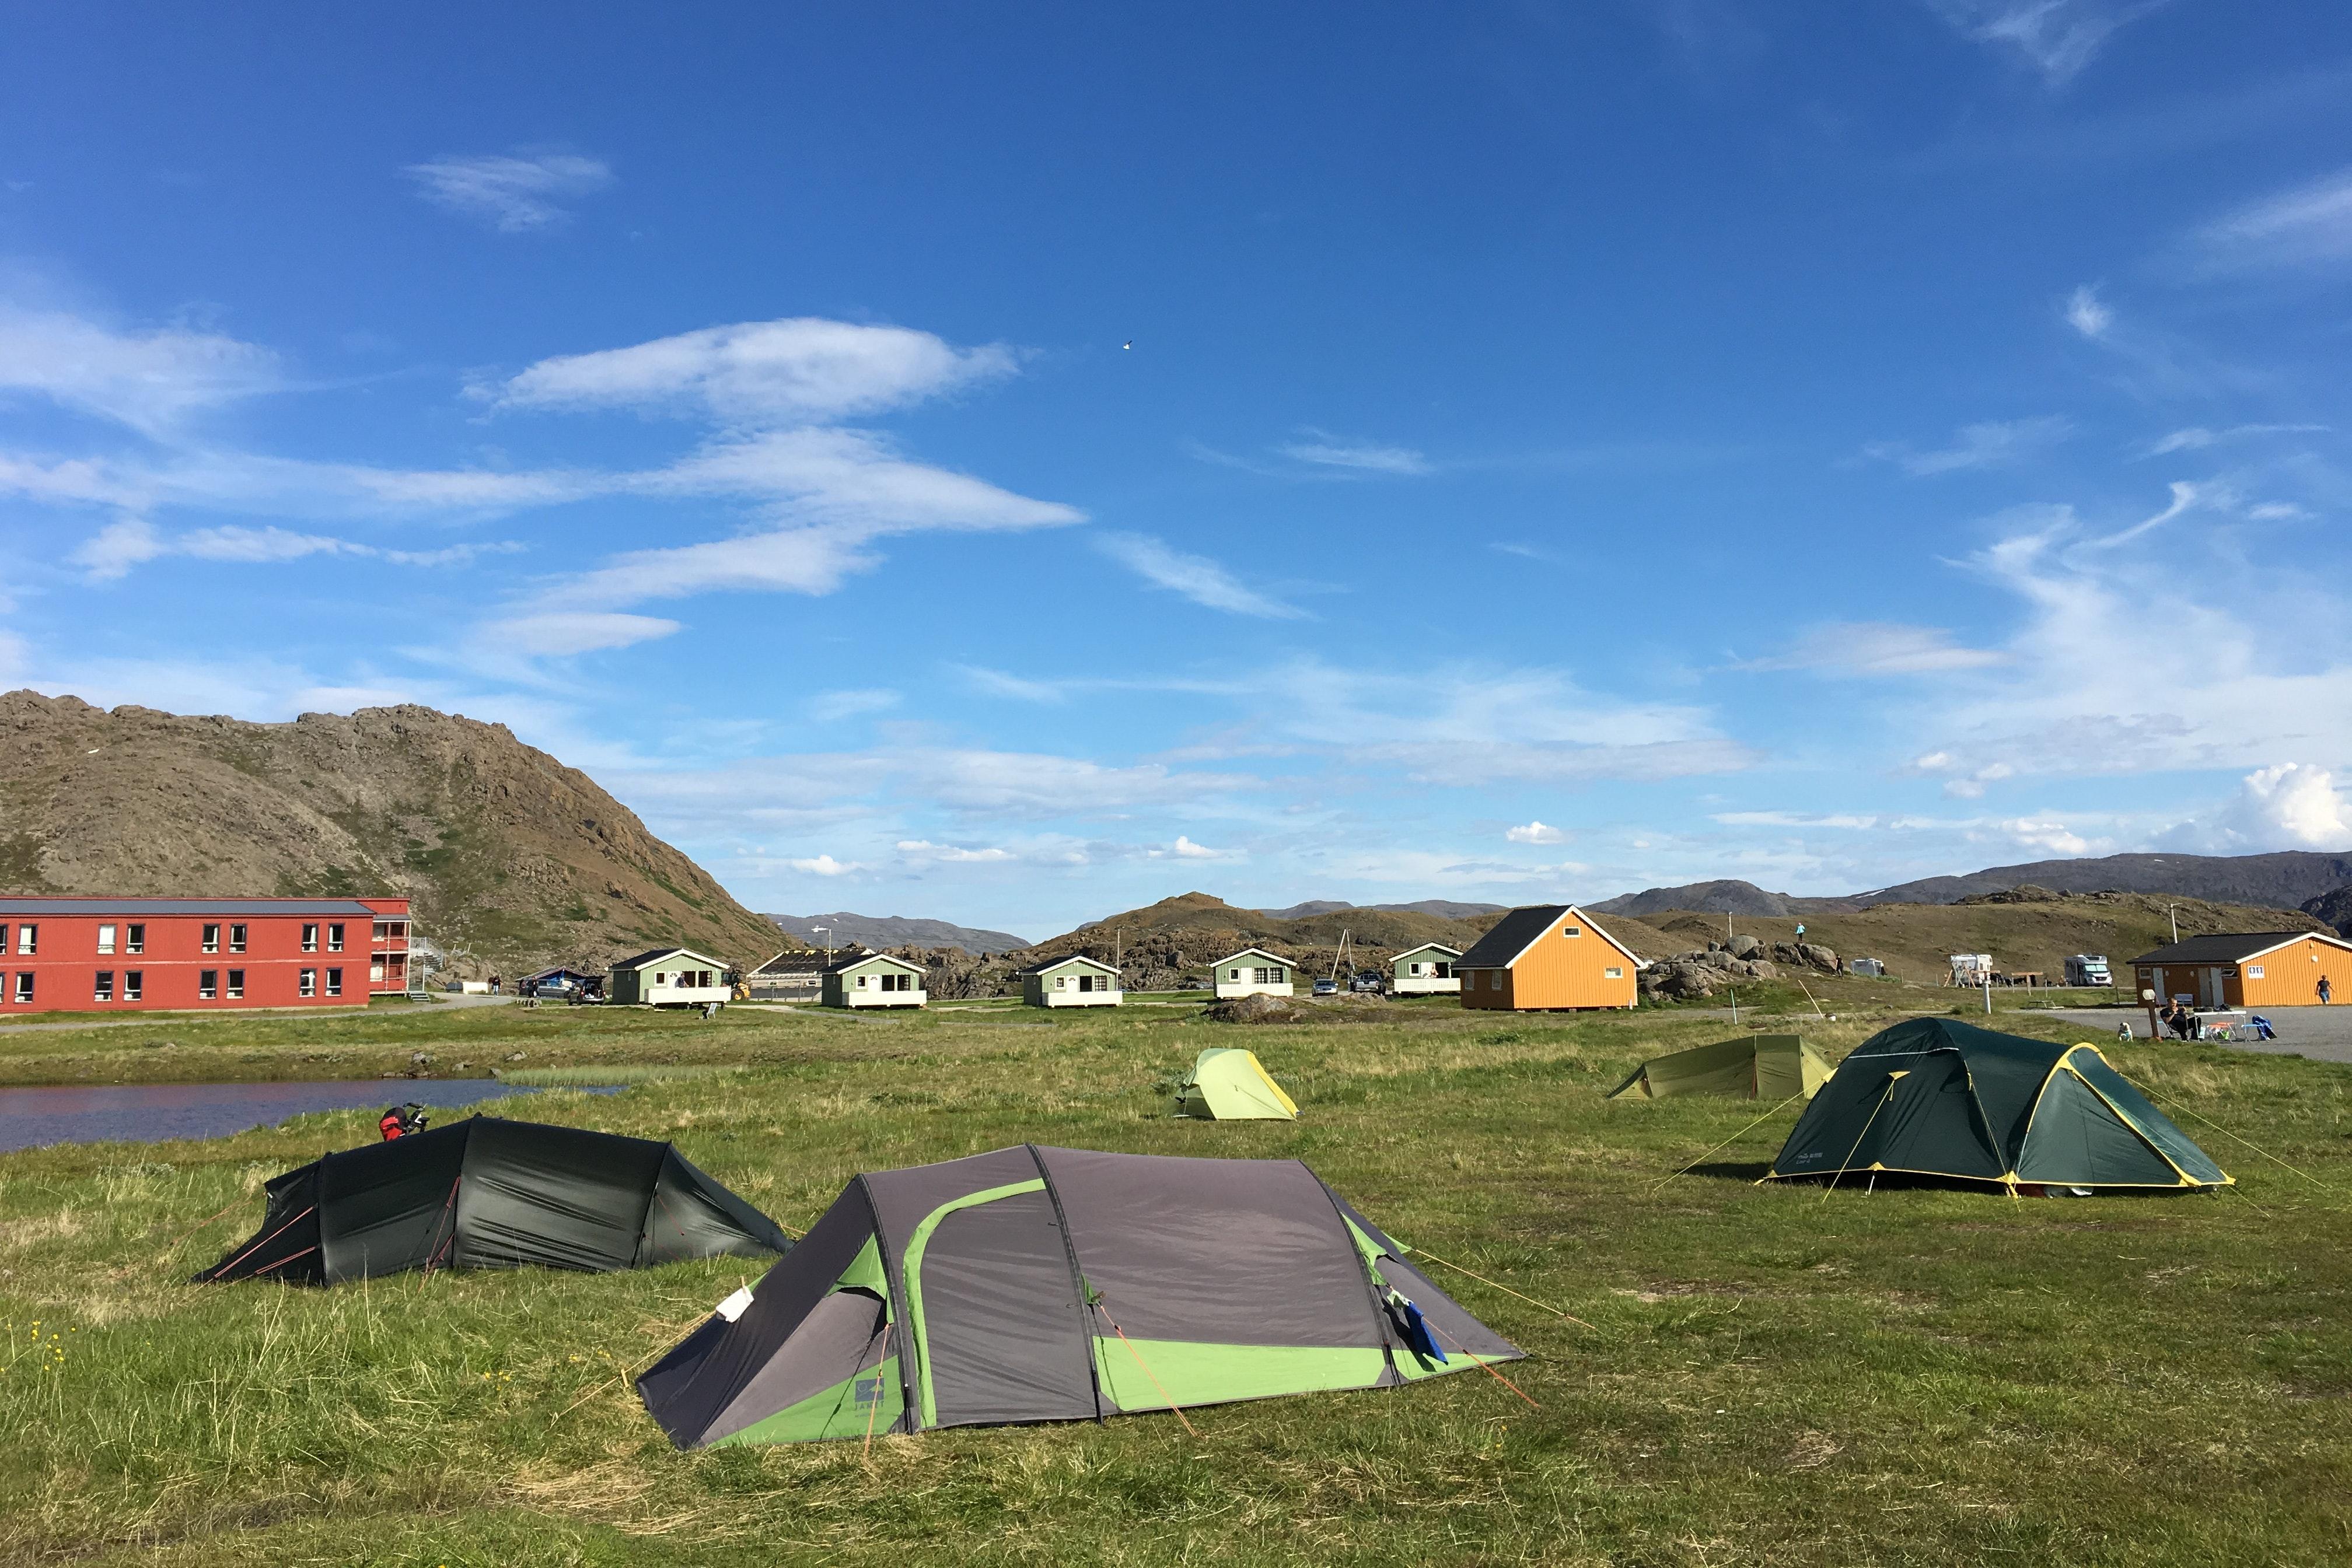 campingurlaub norwegen kosten camping in norwegen u2014. Black Bedroom Furniture Sets. Home Design Ideas